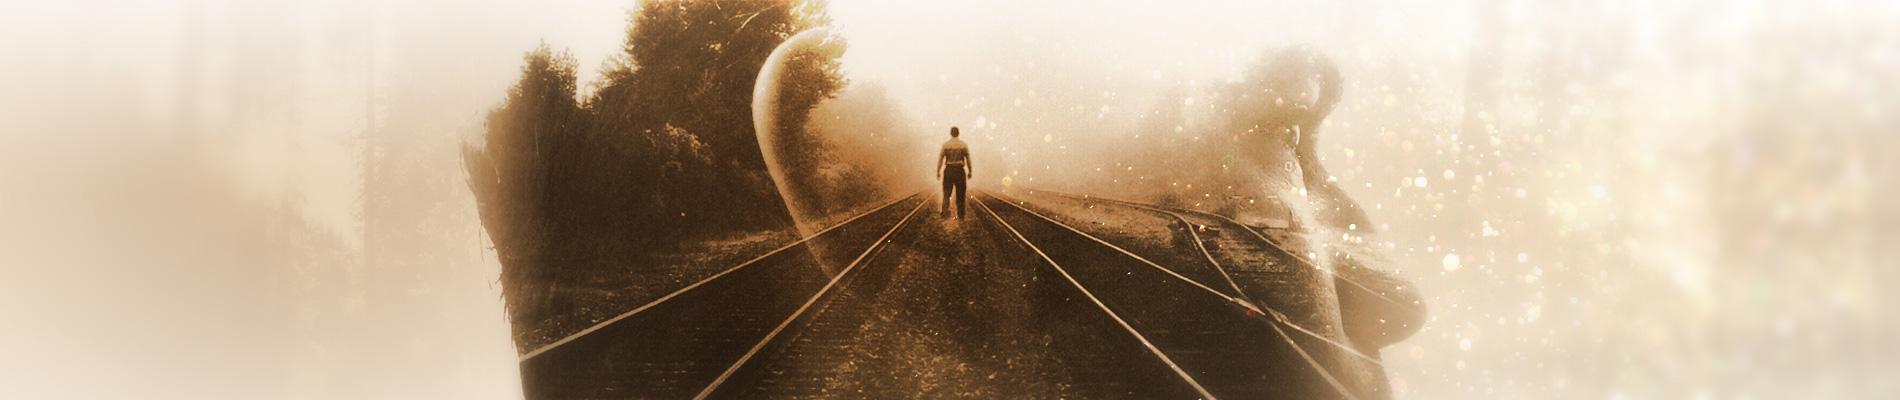 journey_slider1600_2